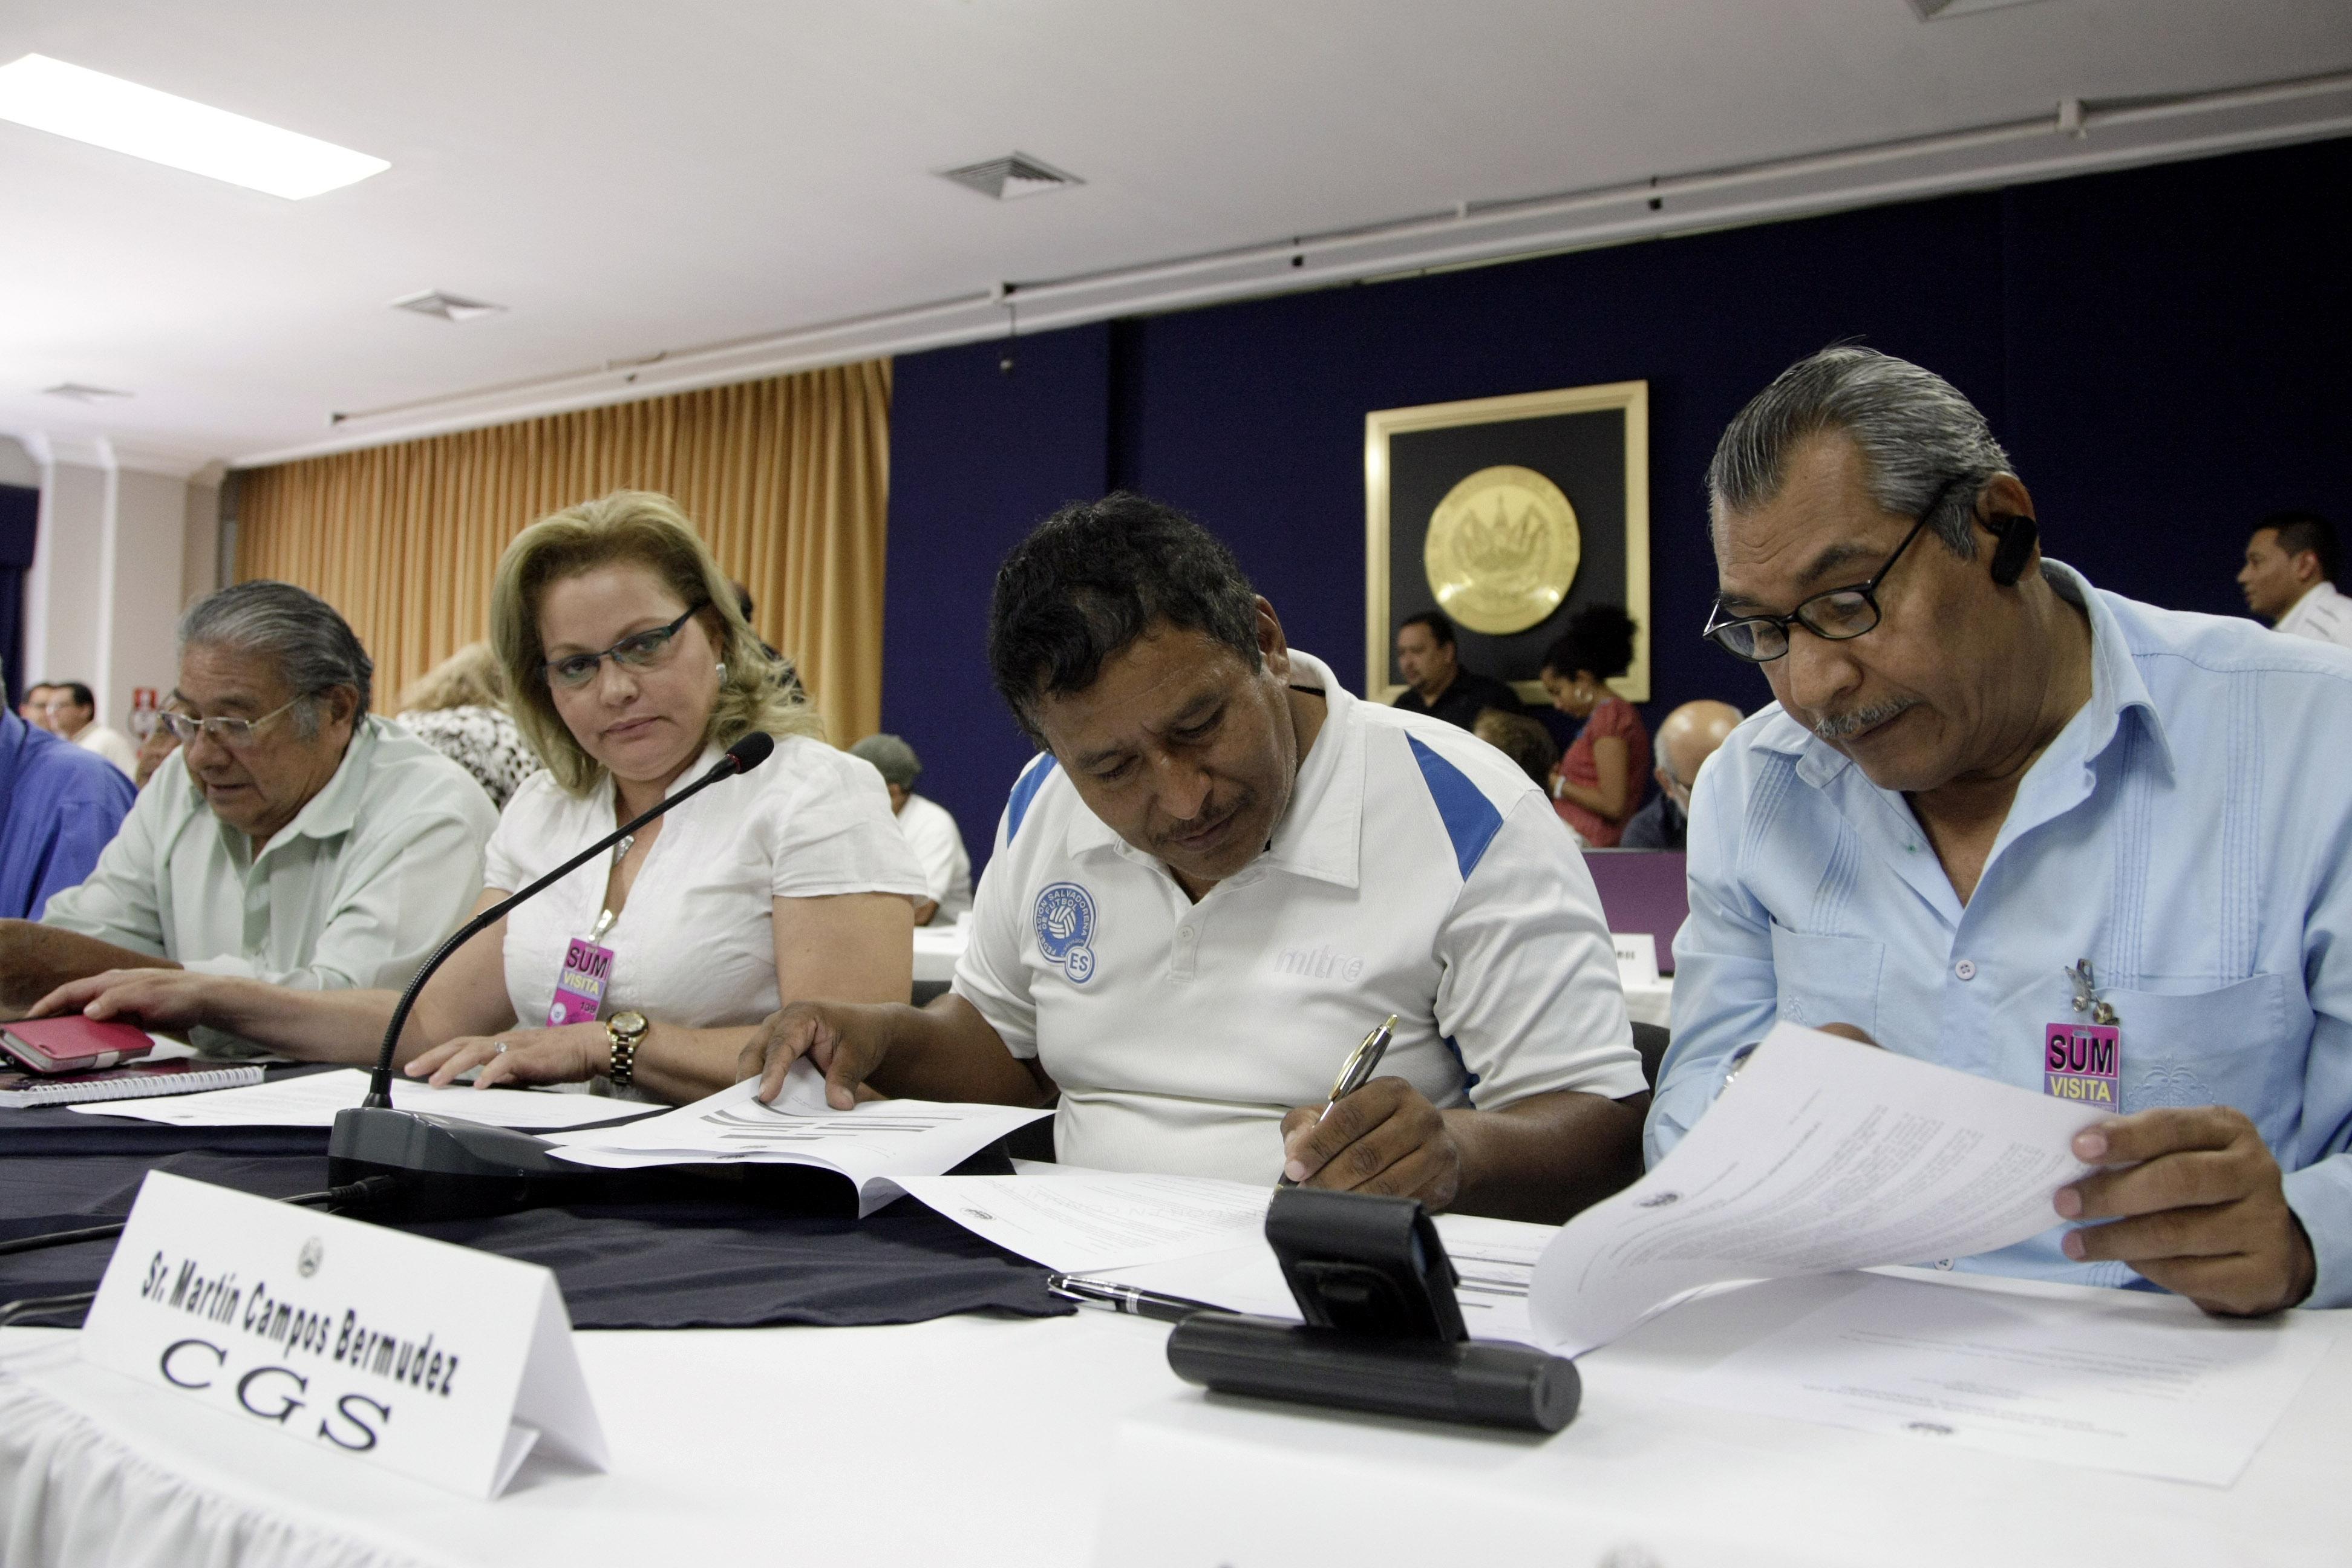 Reunión de trabajo con sindicatos photo